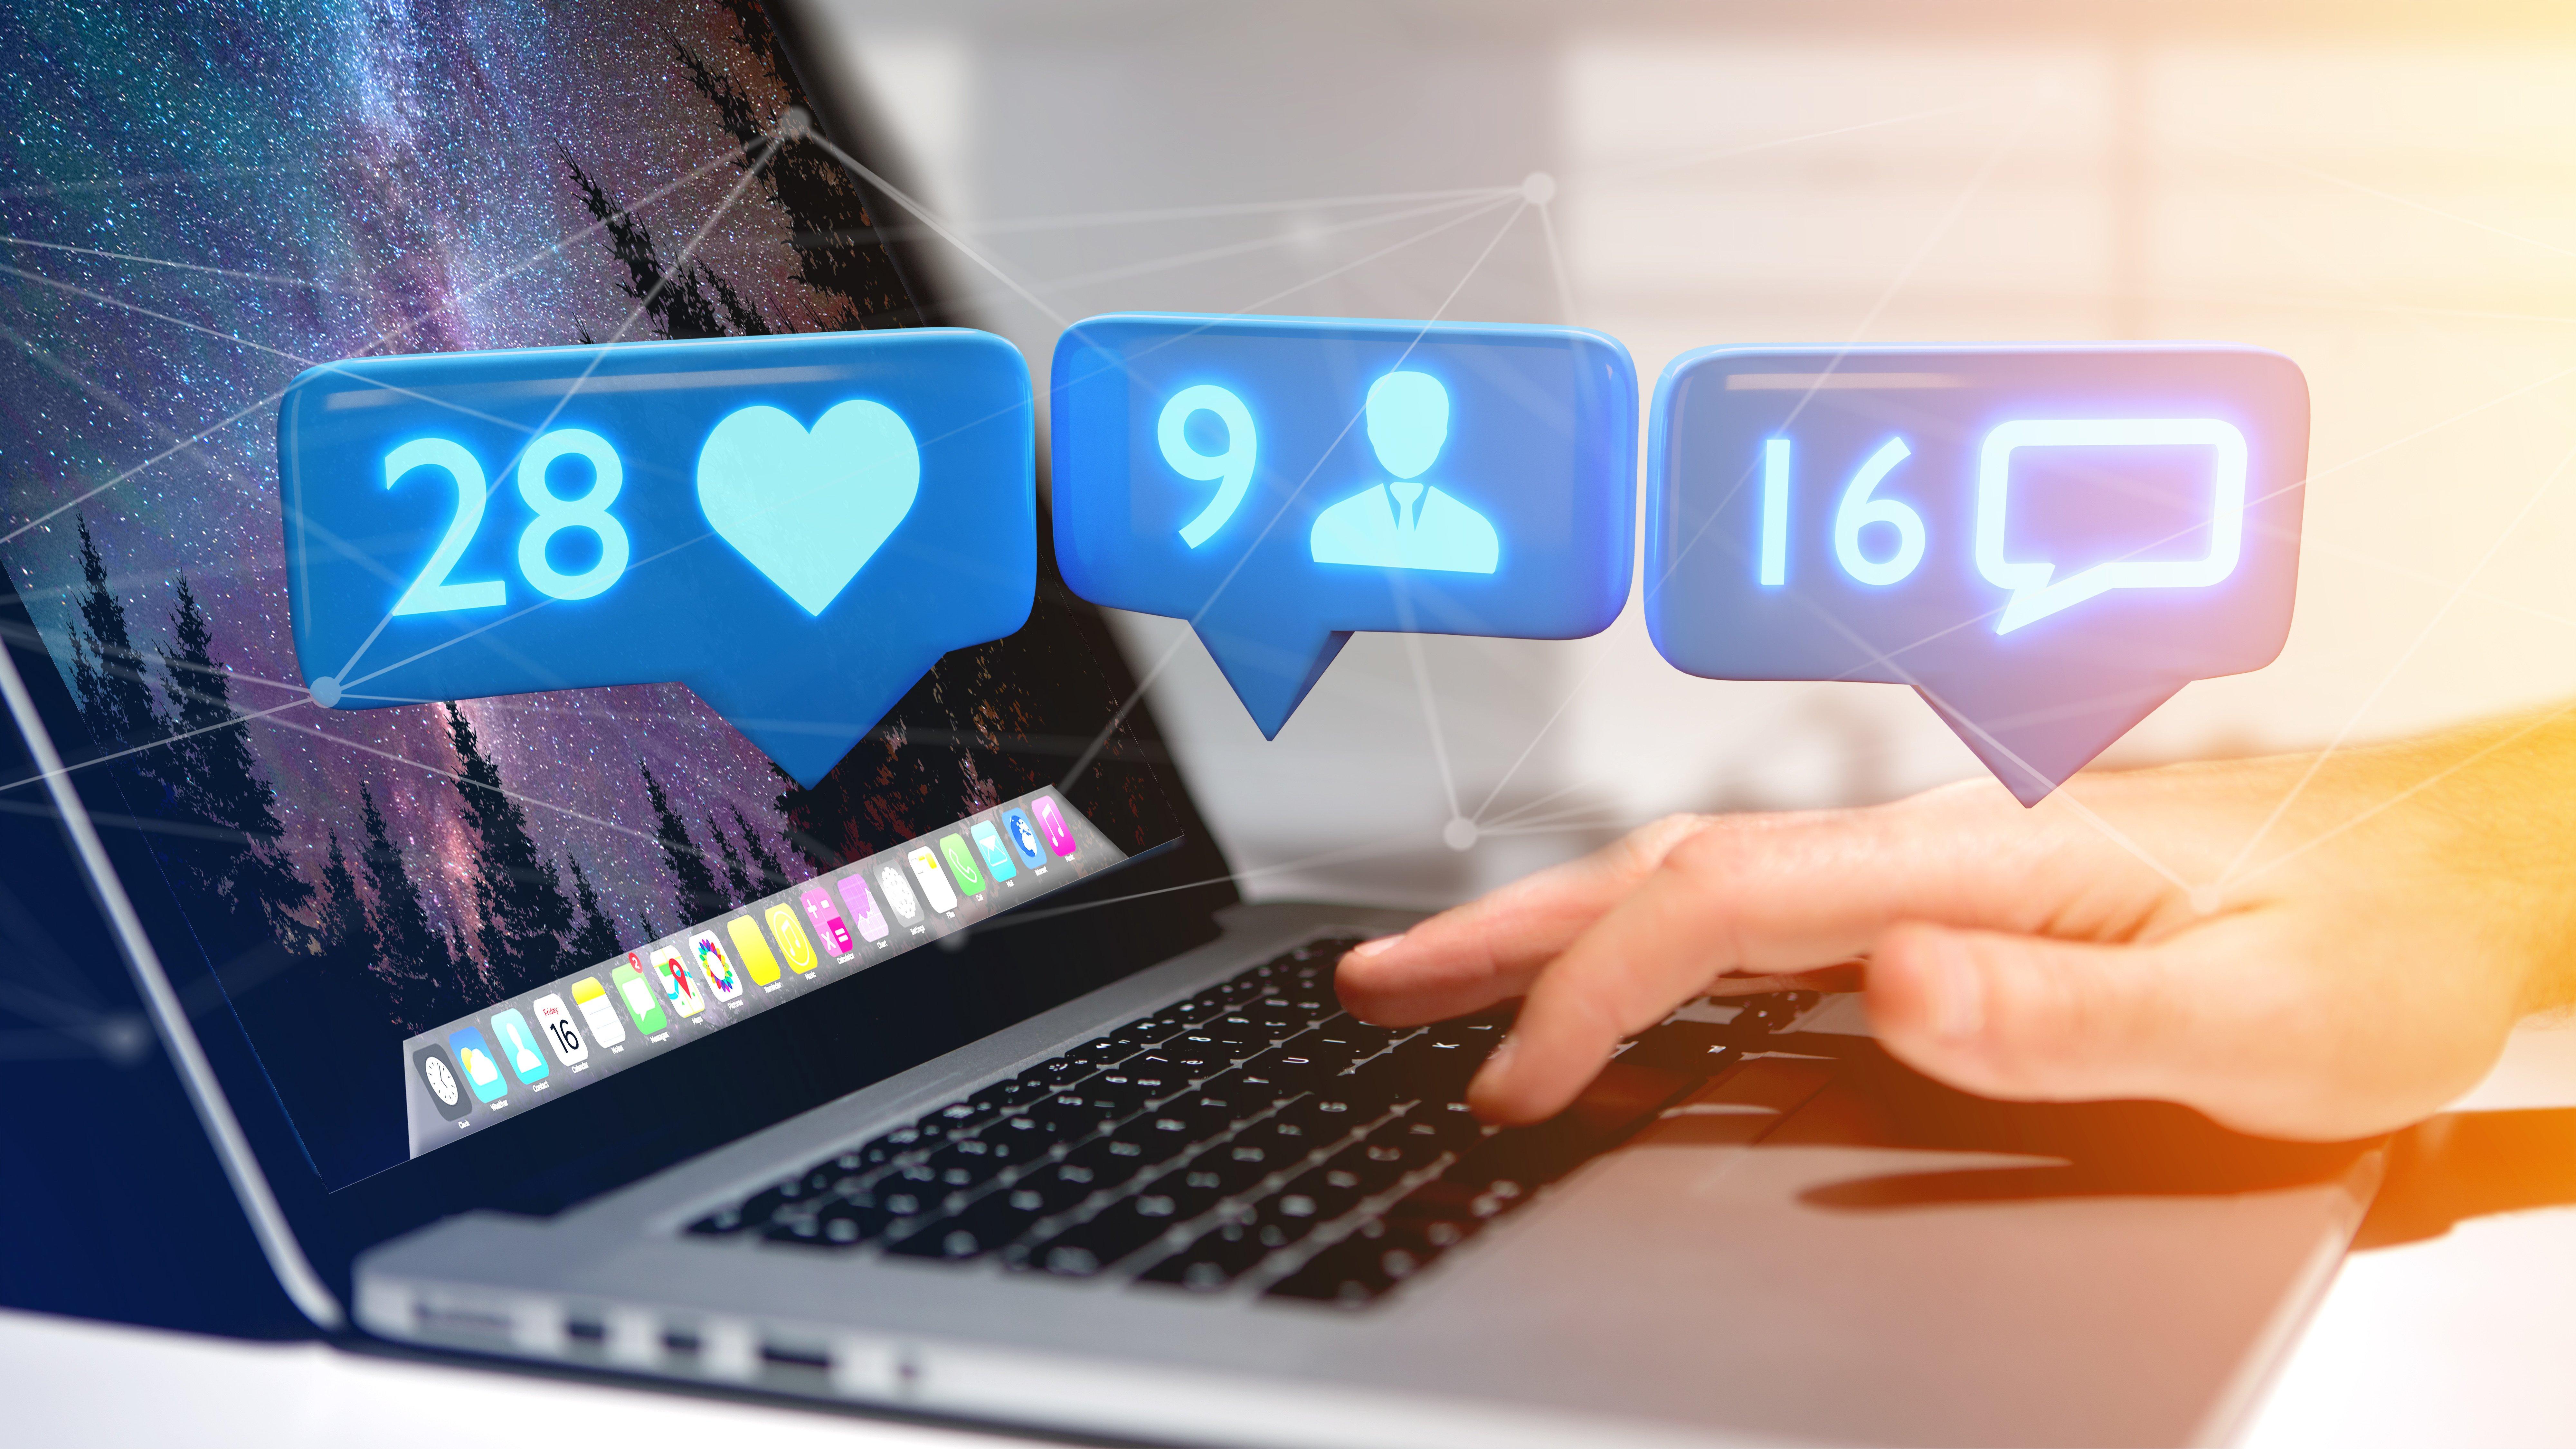 Hiring via Social Media